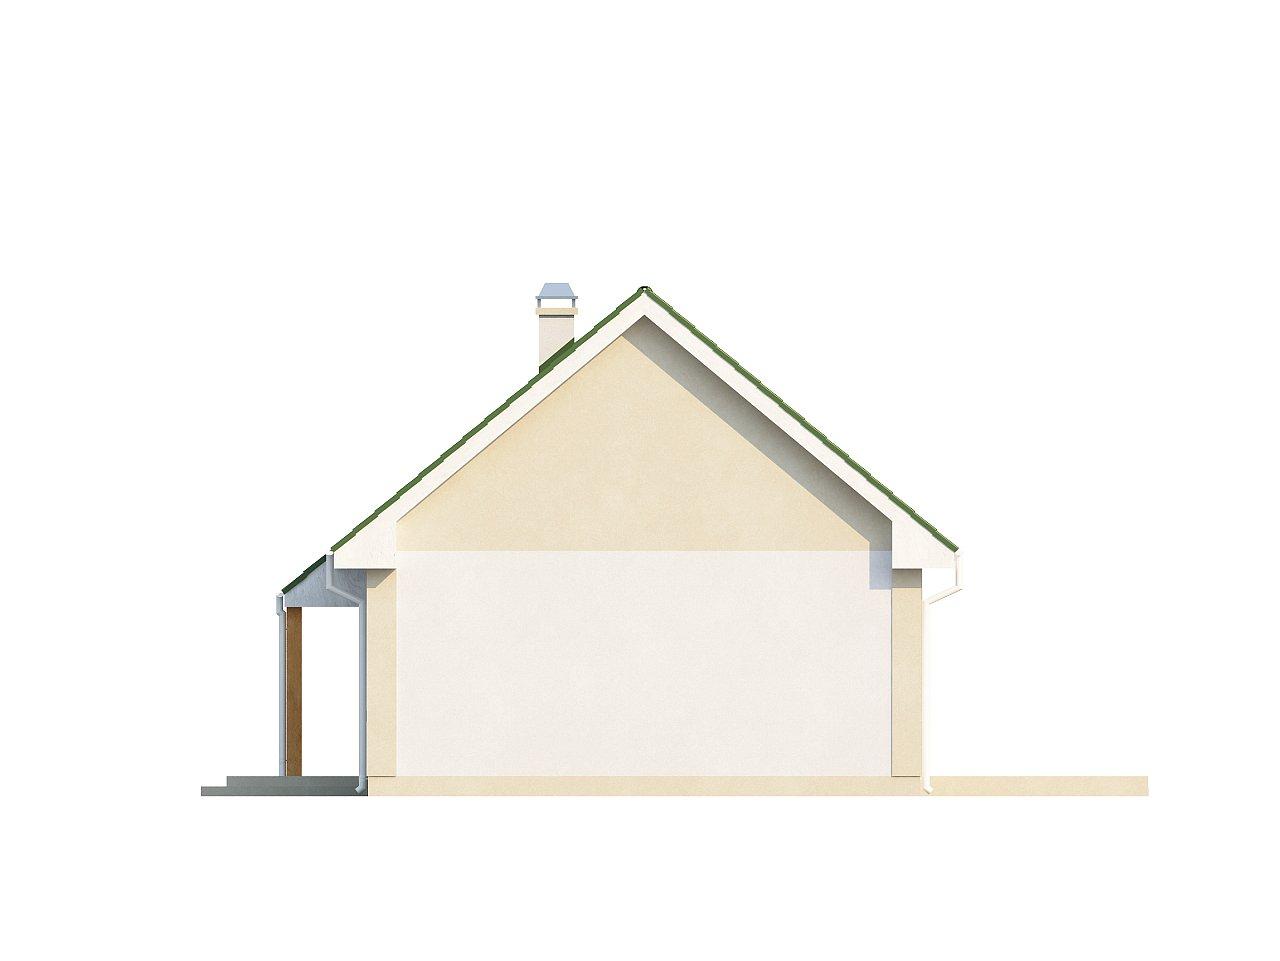 Простой в реализации дом с двускатной крышей, с возможностью обустройства мансарды. 17